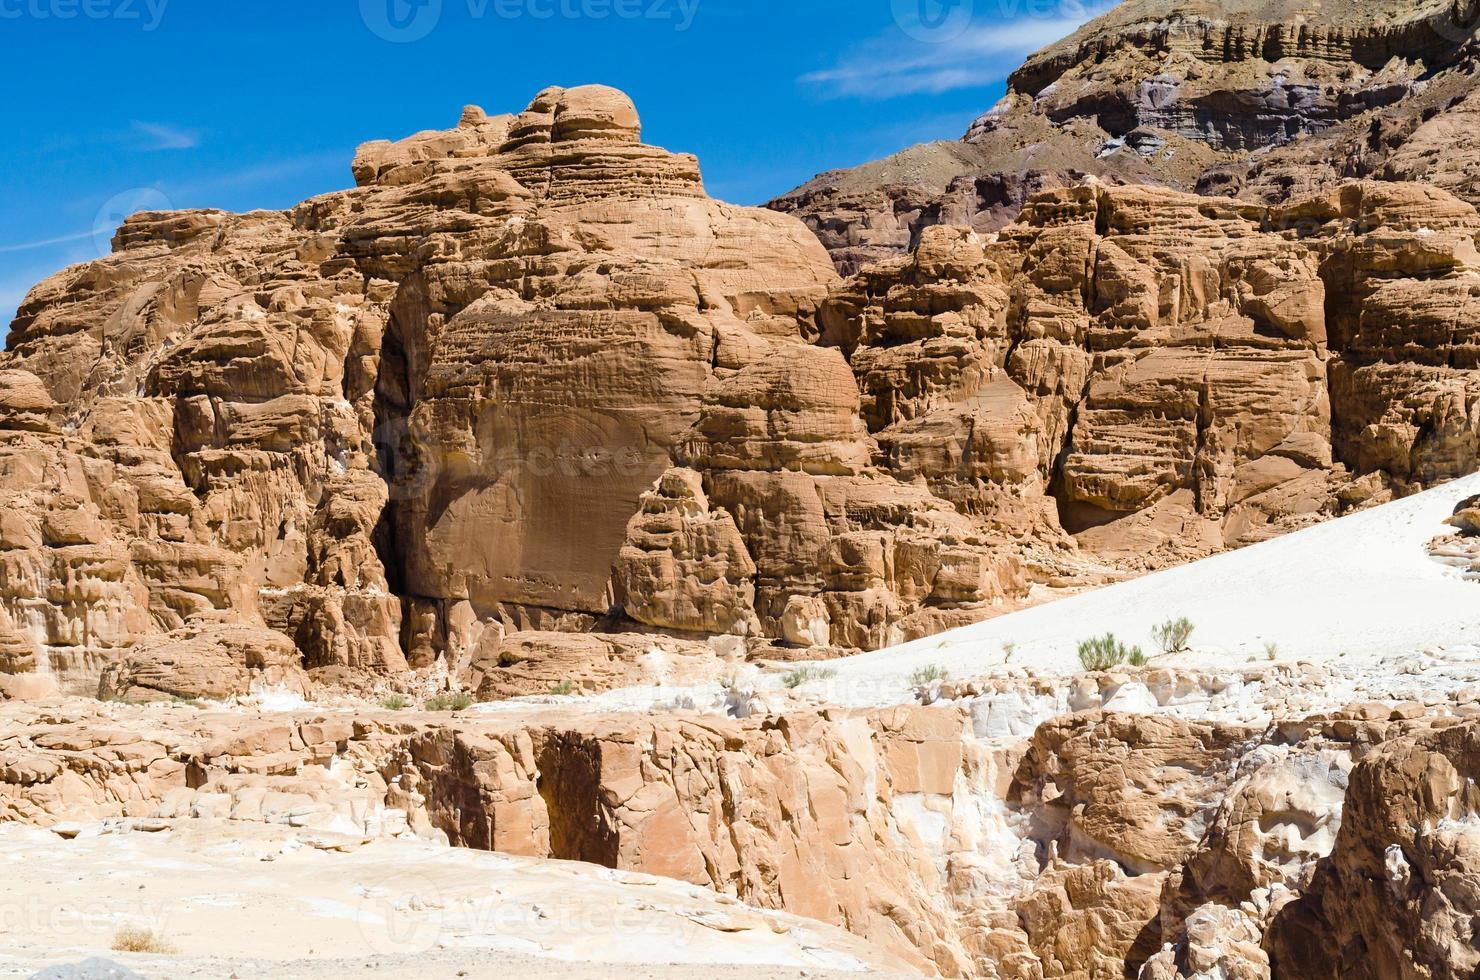 bruine rotsformaties in een woestijn foto